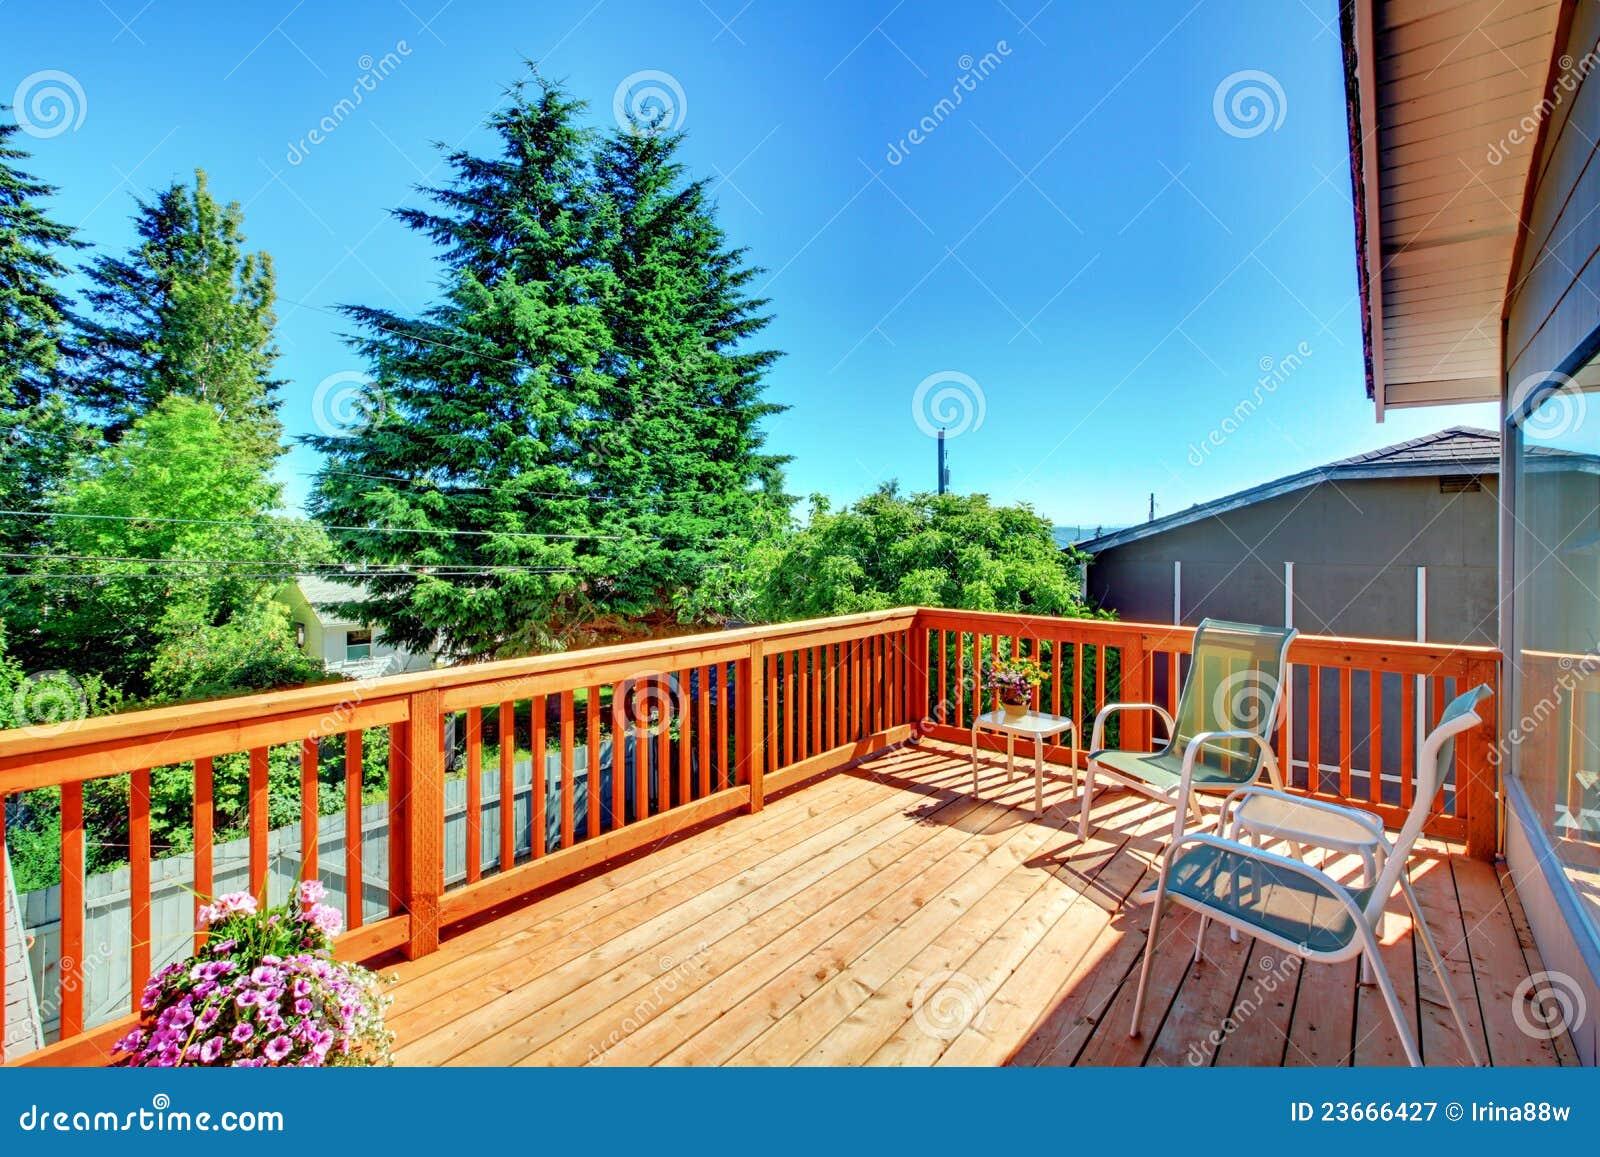 Grande HOME de madeira nova da plataforma exterior com cadeiras.